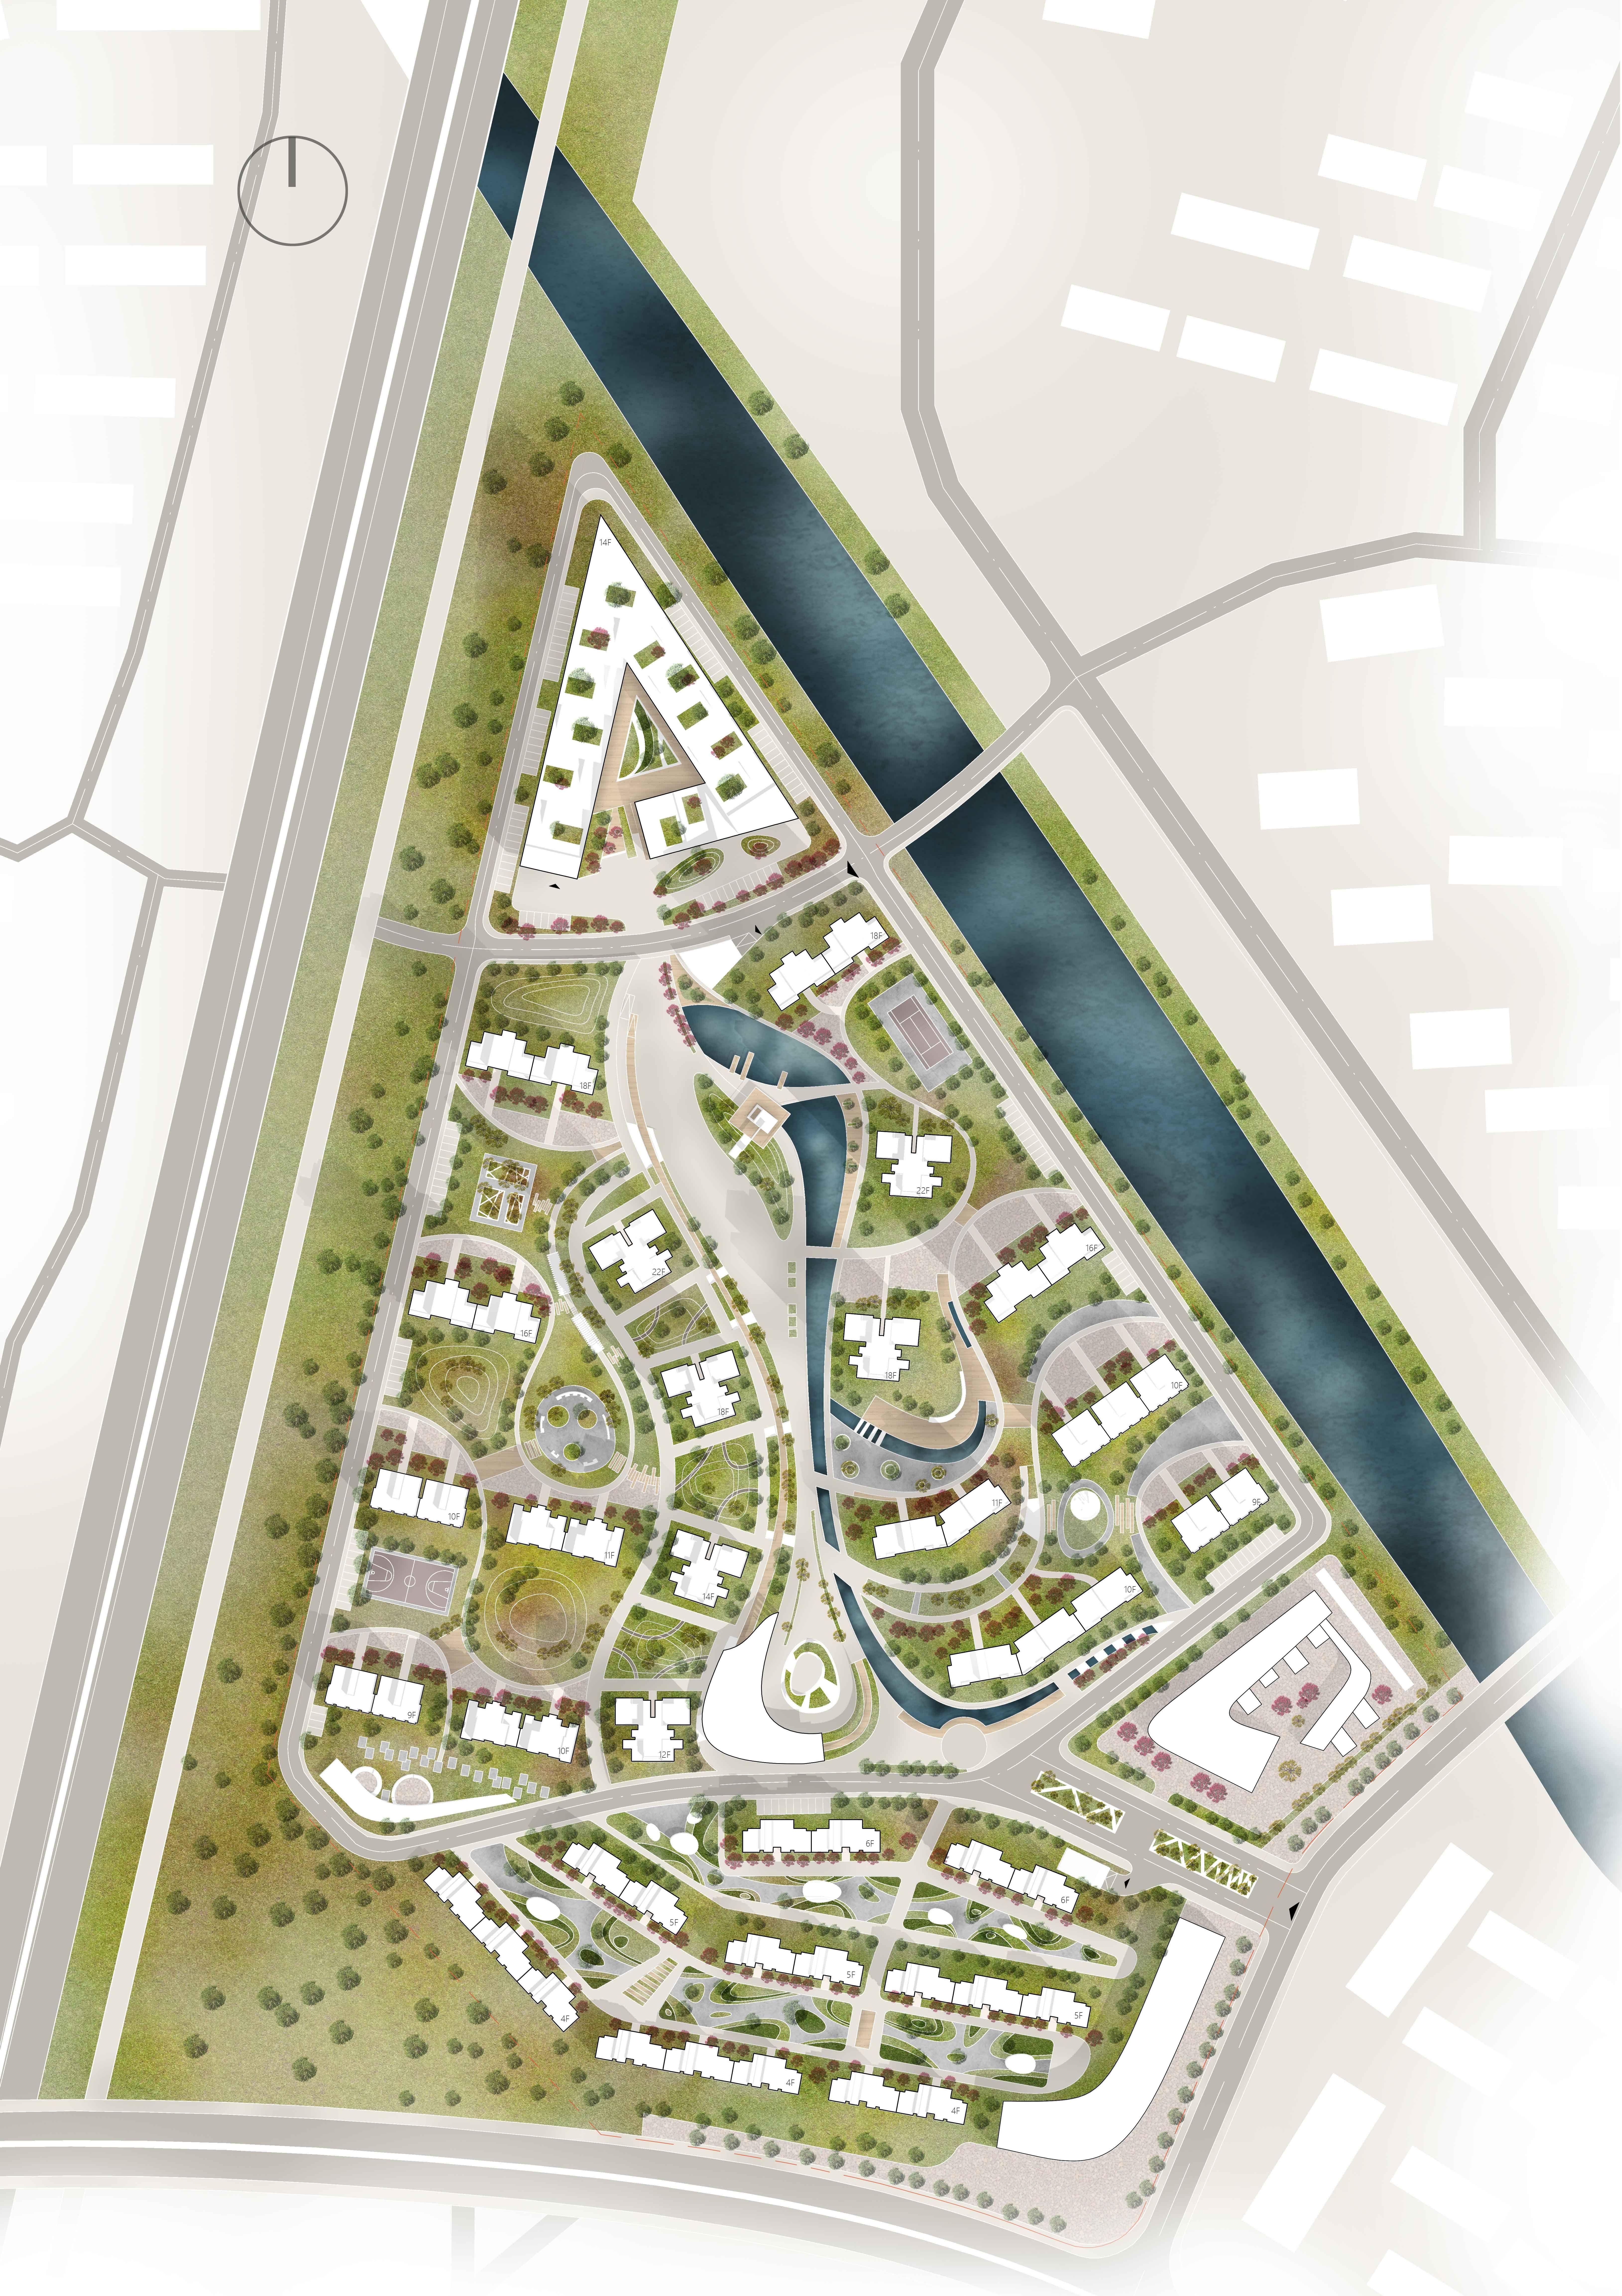 Residential Planning Masterplan Urban Design Plan Urban Design Graphics